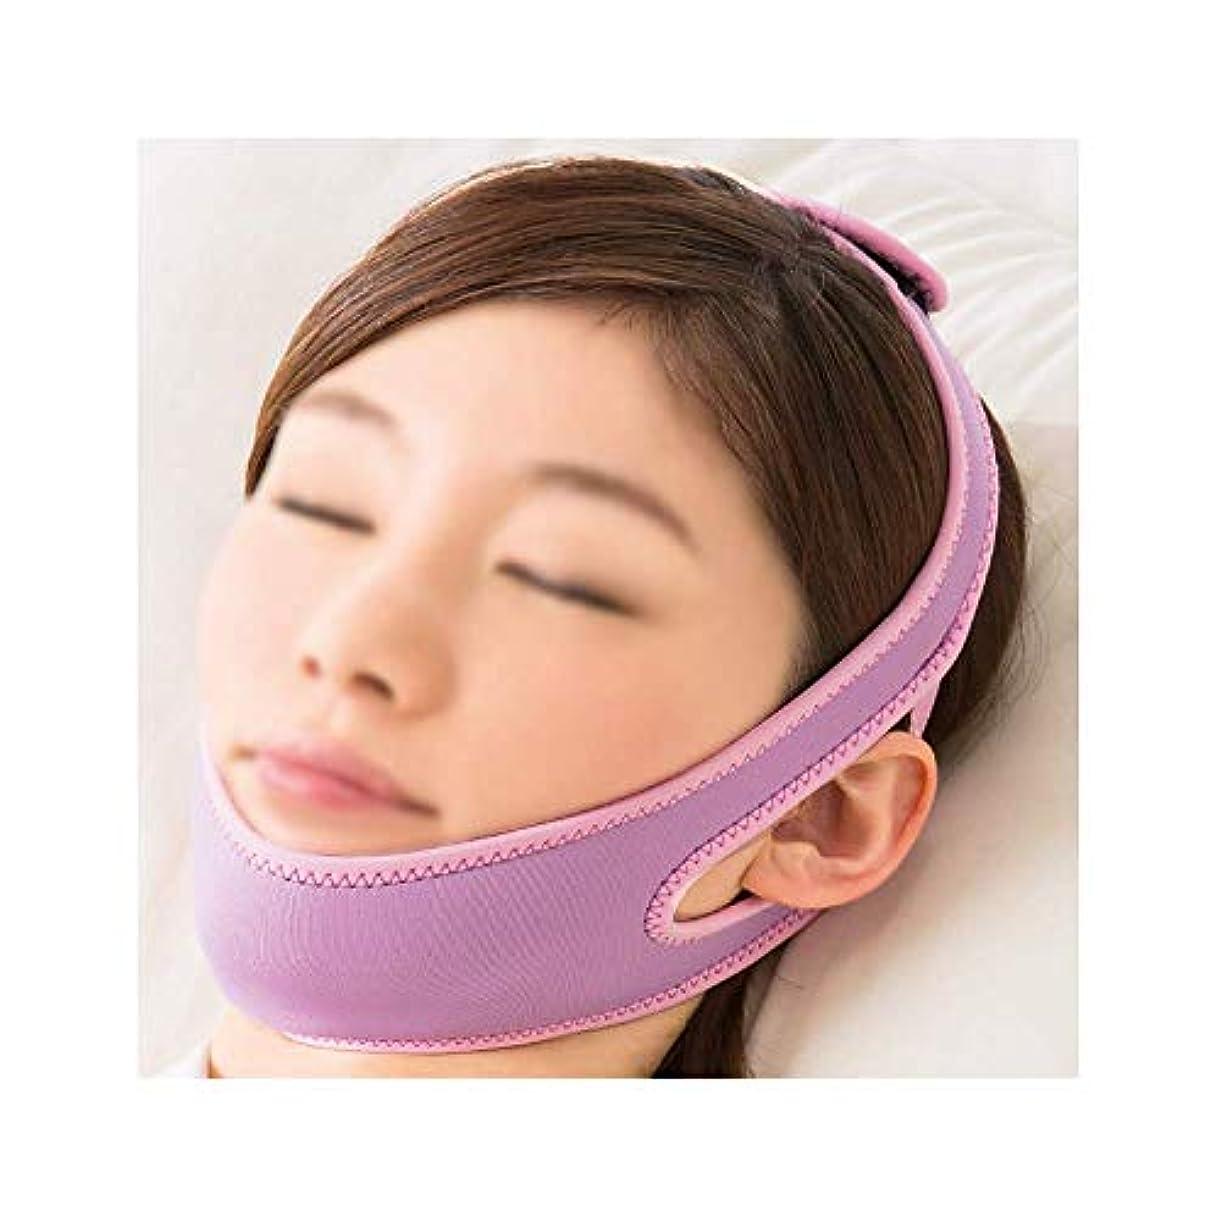 非公式成熟リーフレットフェイシャルマスク、フェイスリフティングアーティファクトフェイスマスク垂れ下がり面付きVフェイス包帯通気性スリーピングフェイスダブルチンチンセット睡眠弾性スリムベルト